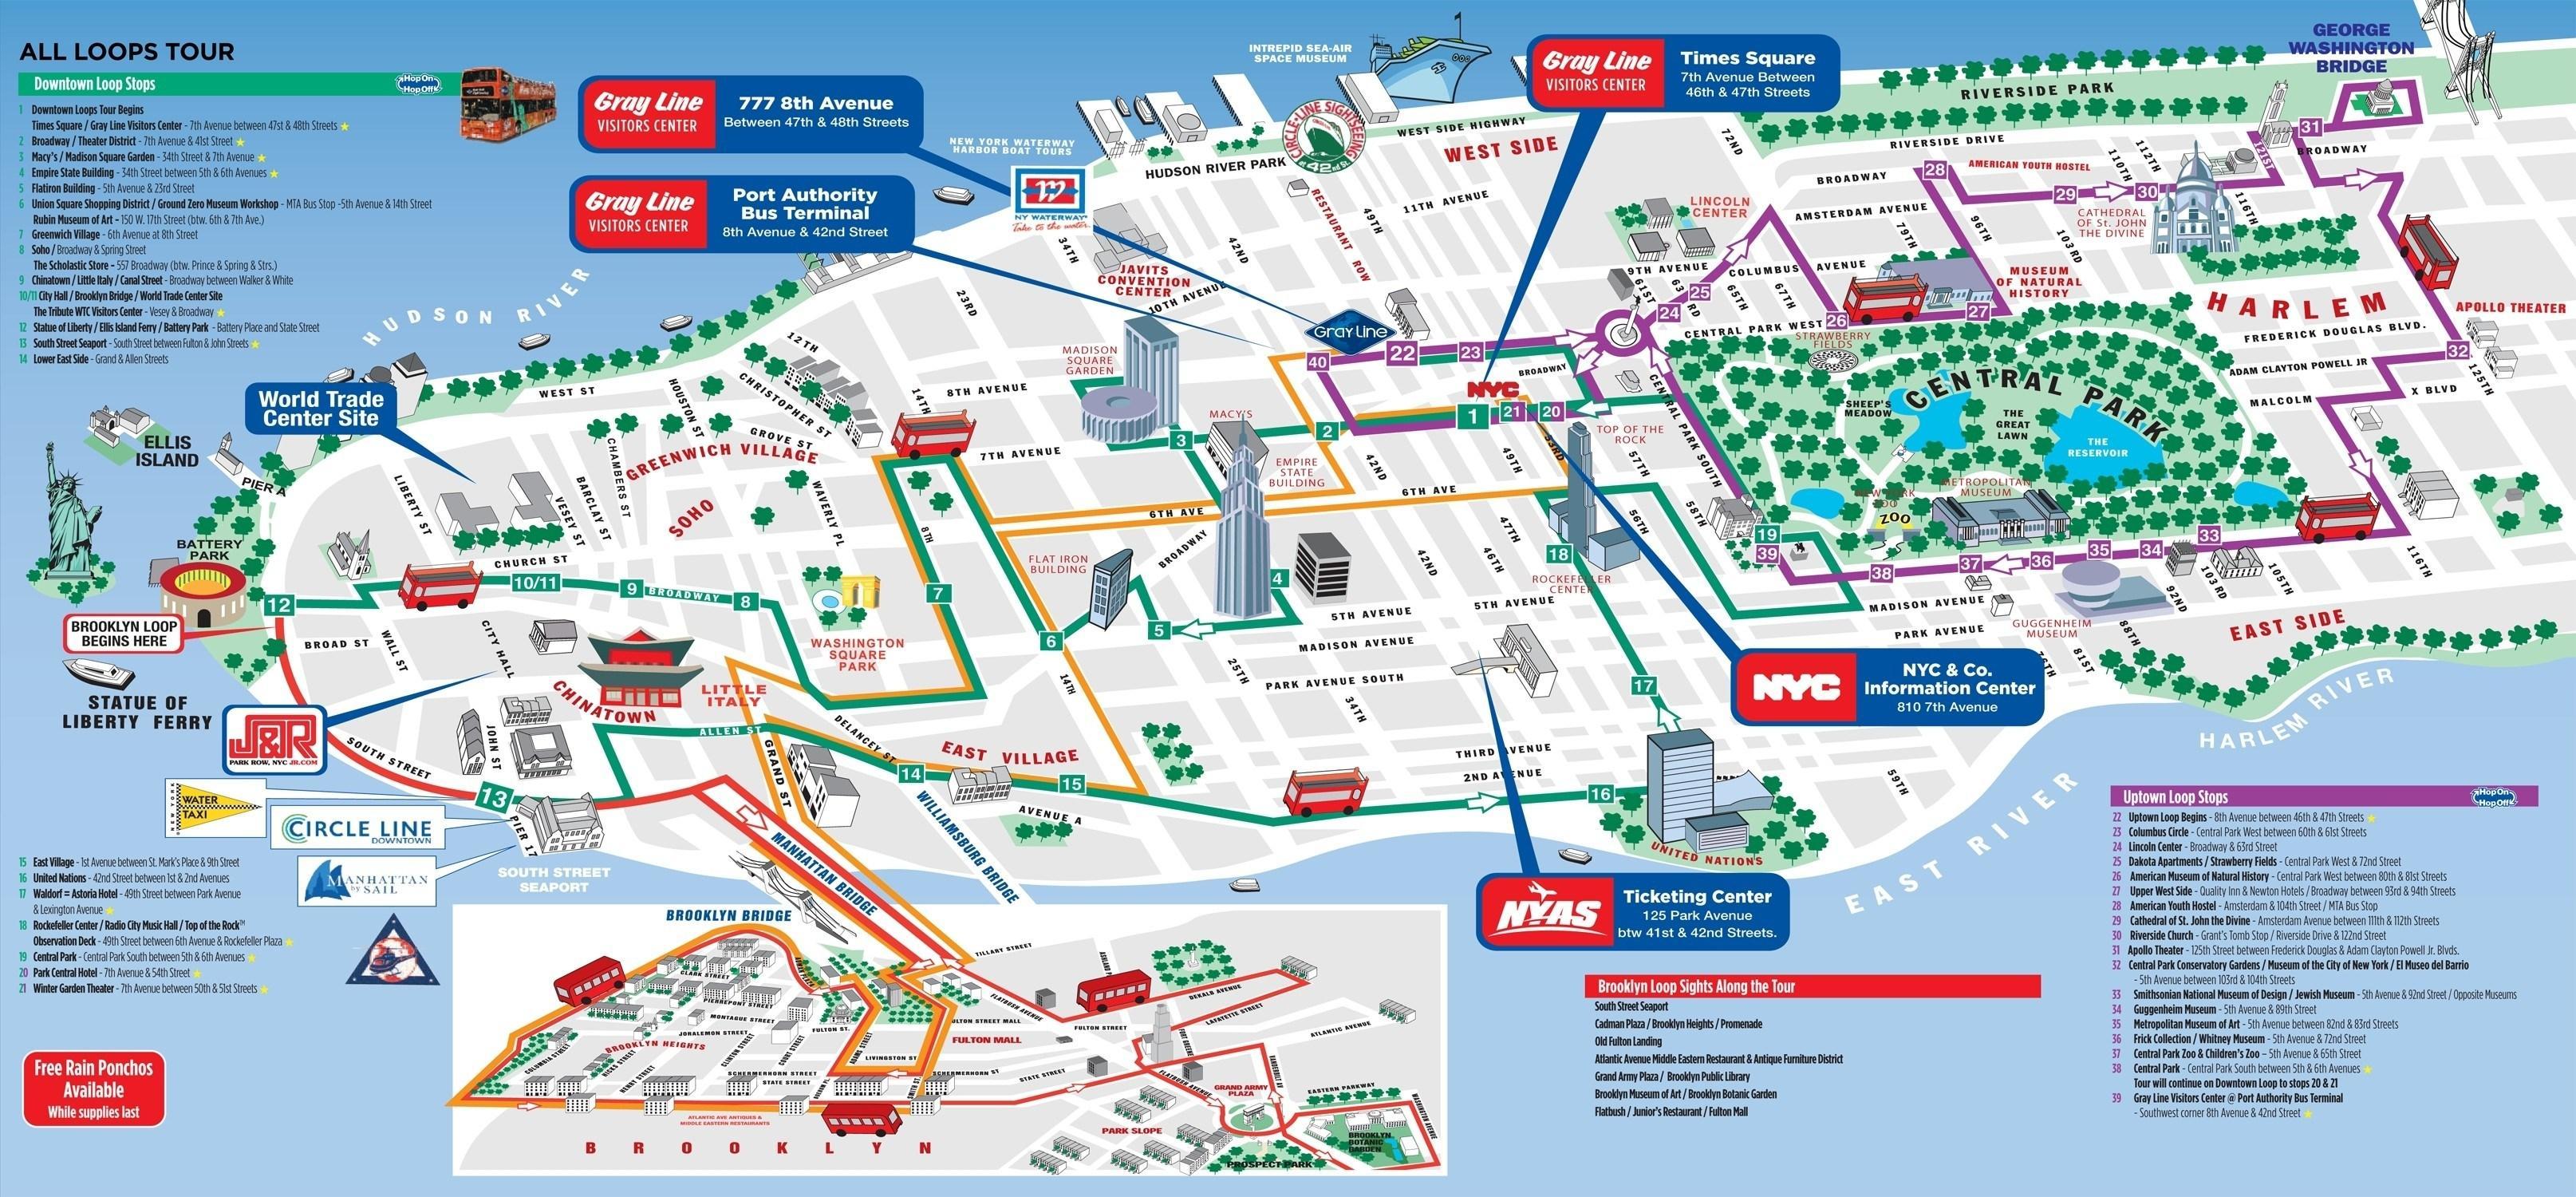 New York Mapa Turistico.Manhattan Mapa Turistico Manhattan Atracciones Turisticas Mapa Nueva York Estados Unidos